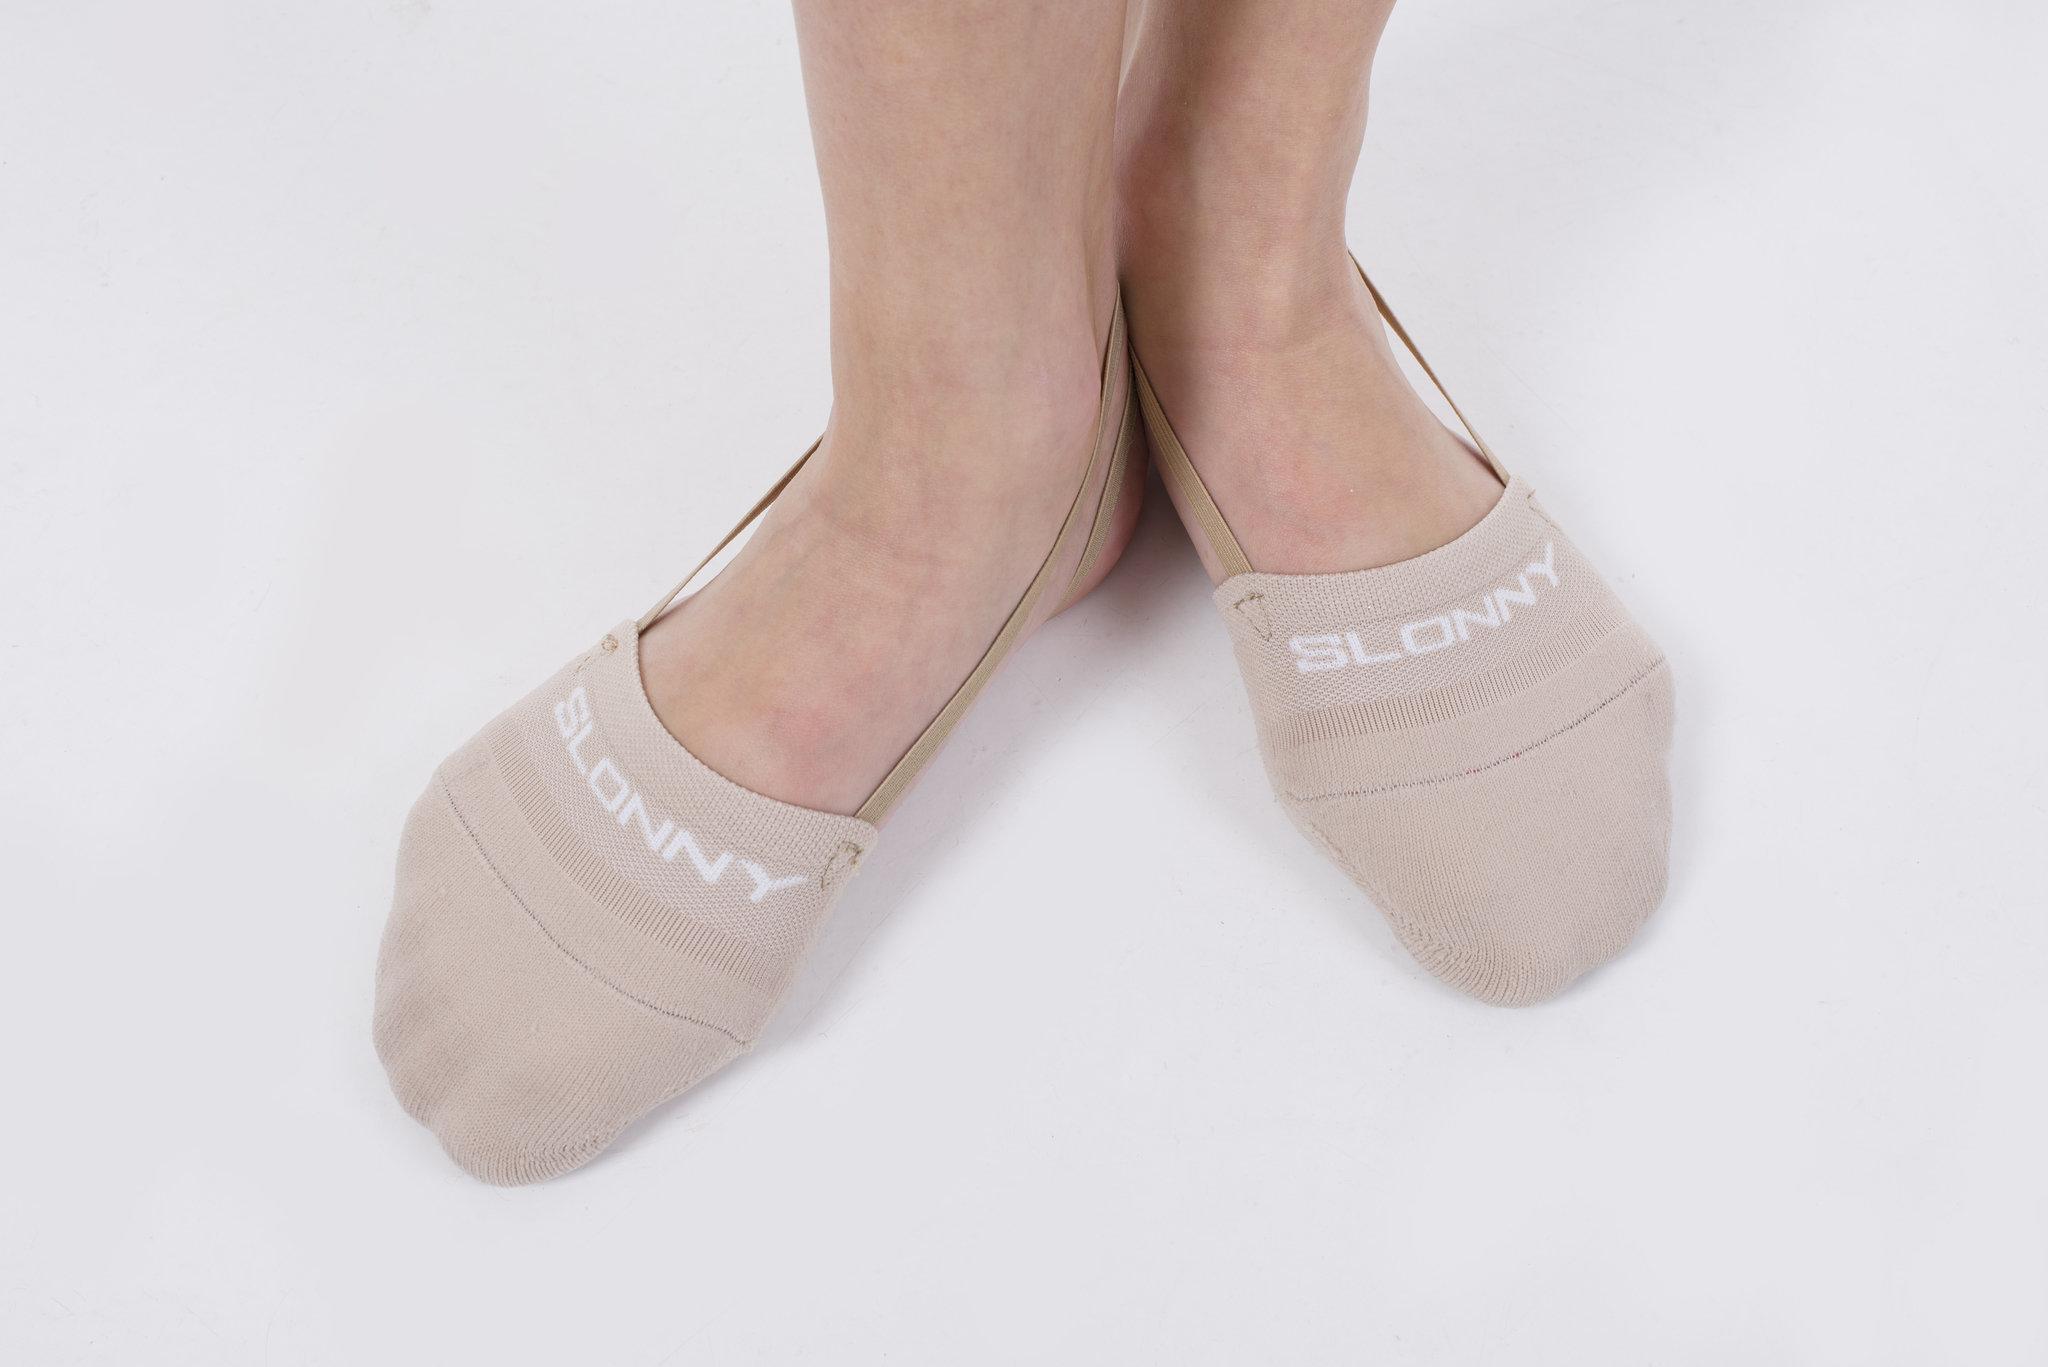 Slonny Shoes